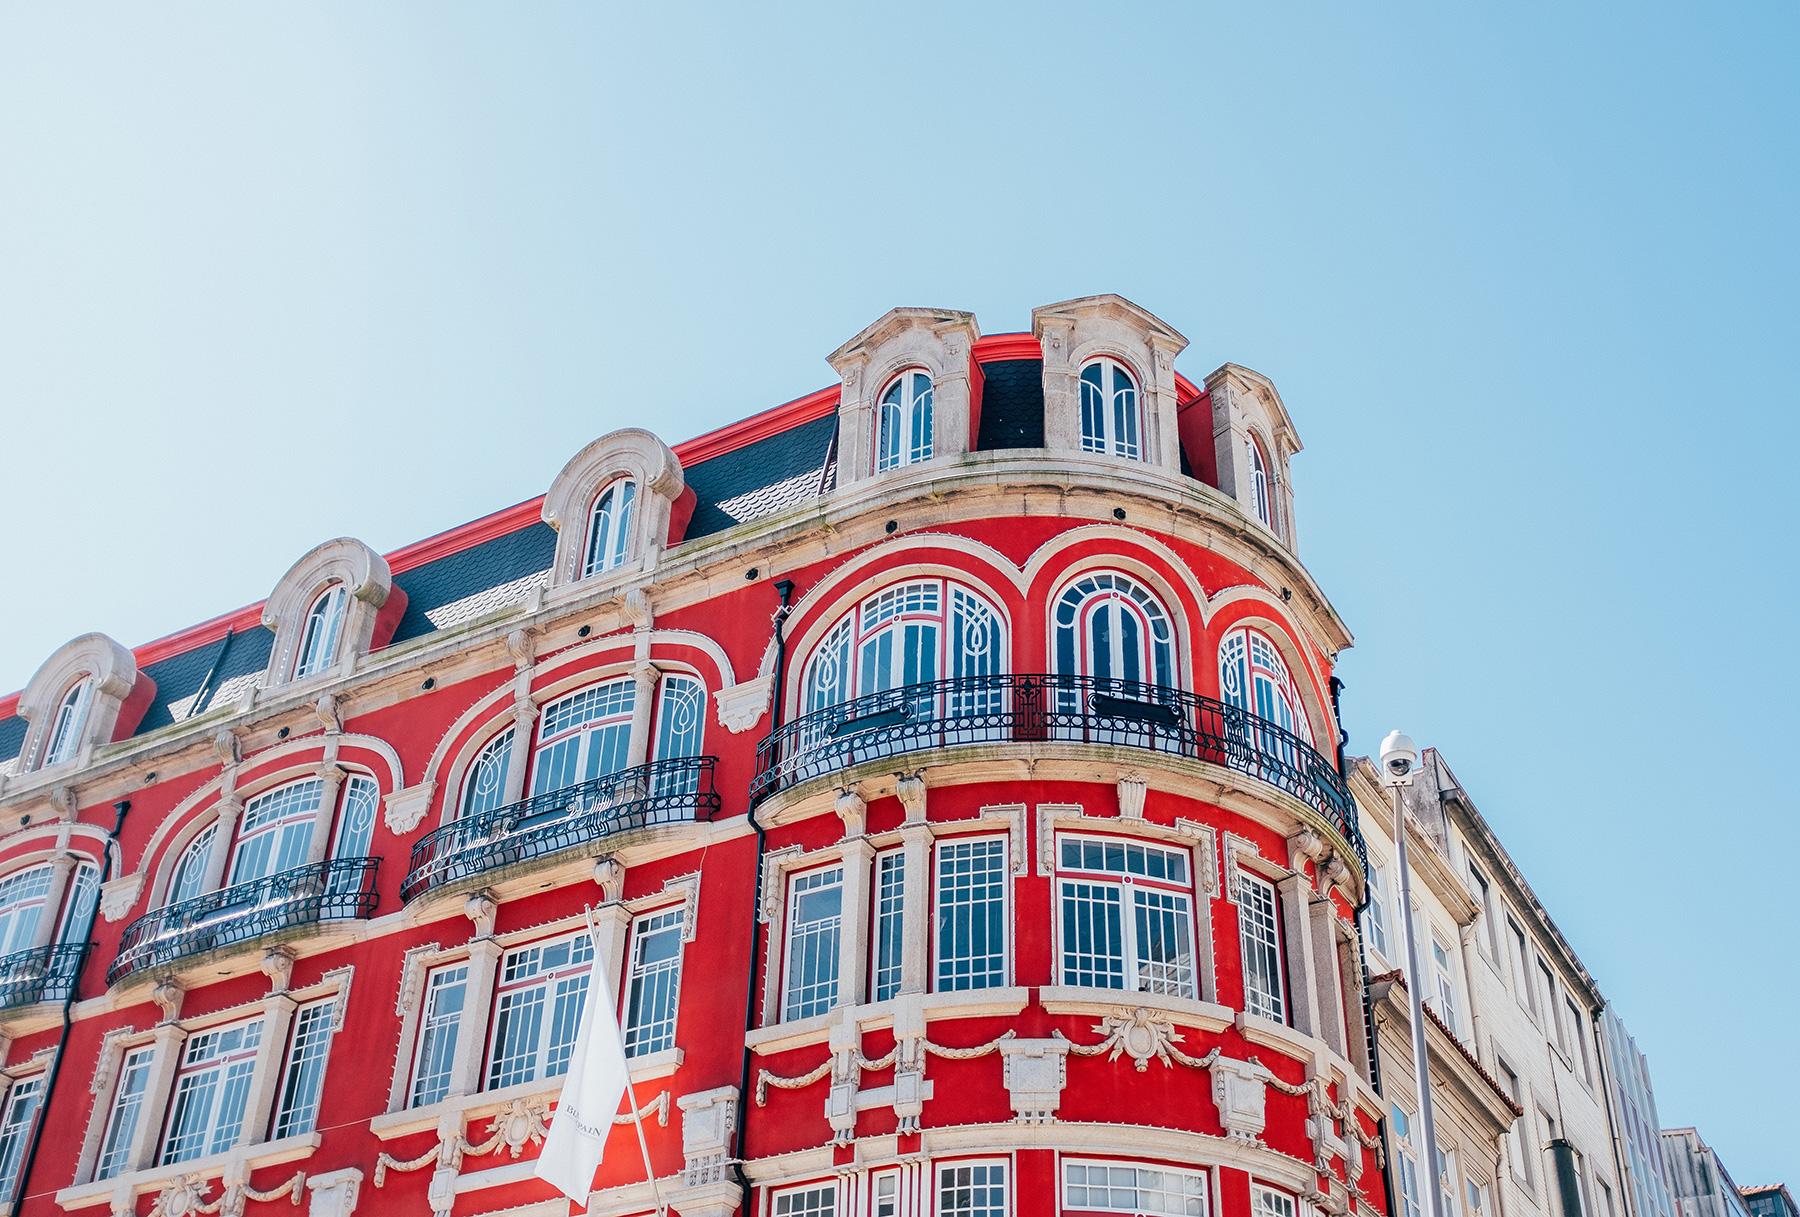 red building in Porto Portugal